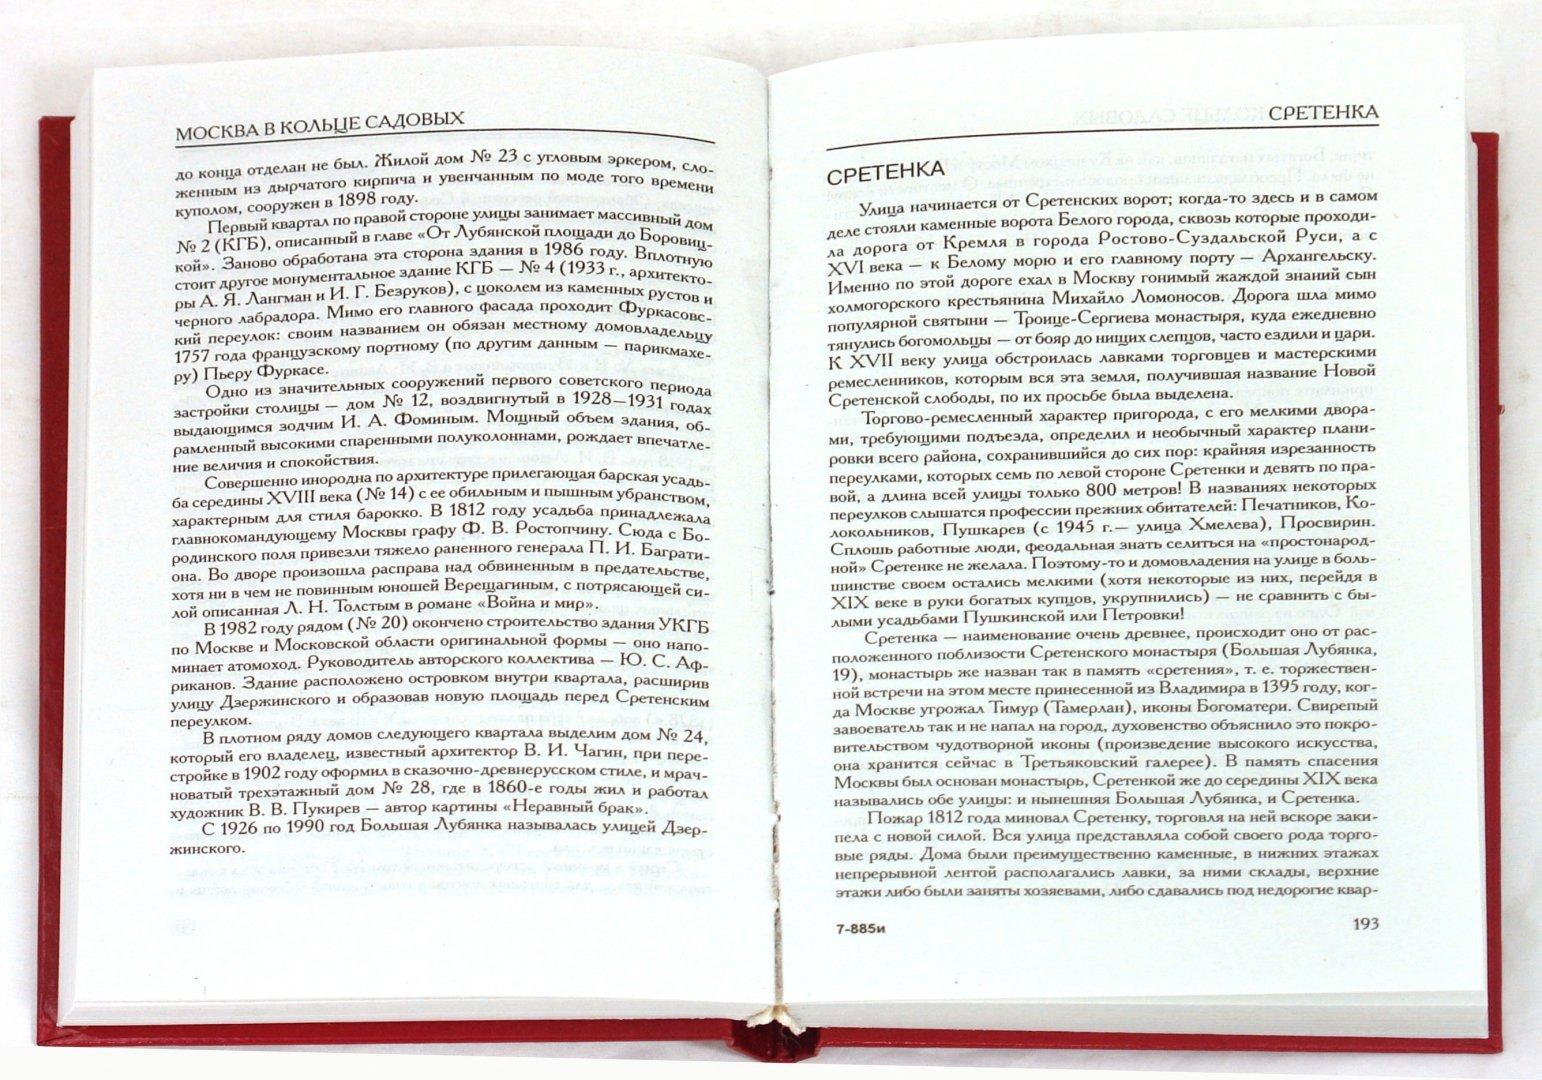 Иллюстрация 1 из 4 для Москва в кольце Садовых - Юрий Федосюк | Лабиринт - книги. Источник: Лабиринт